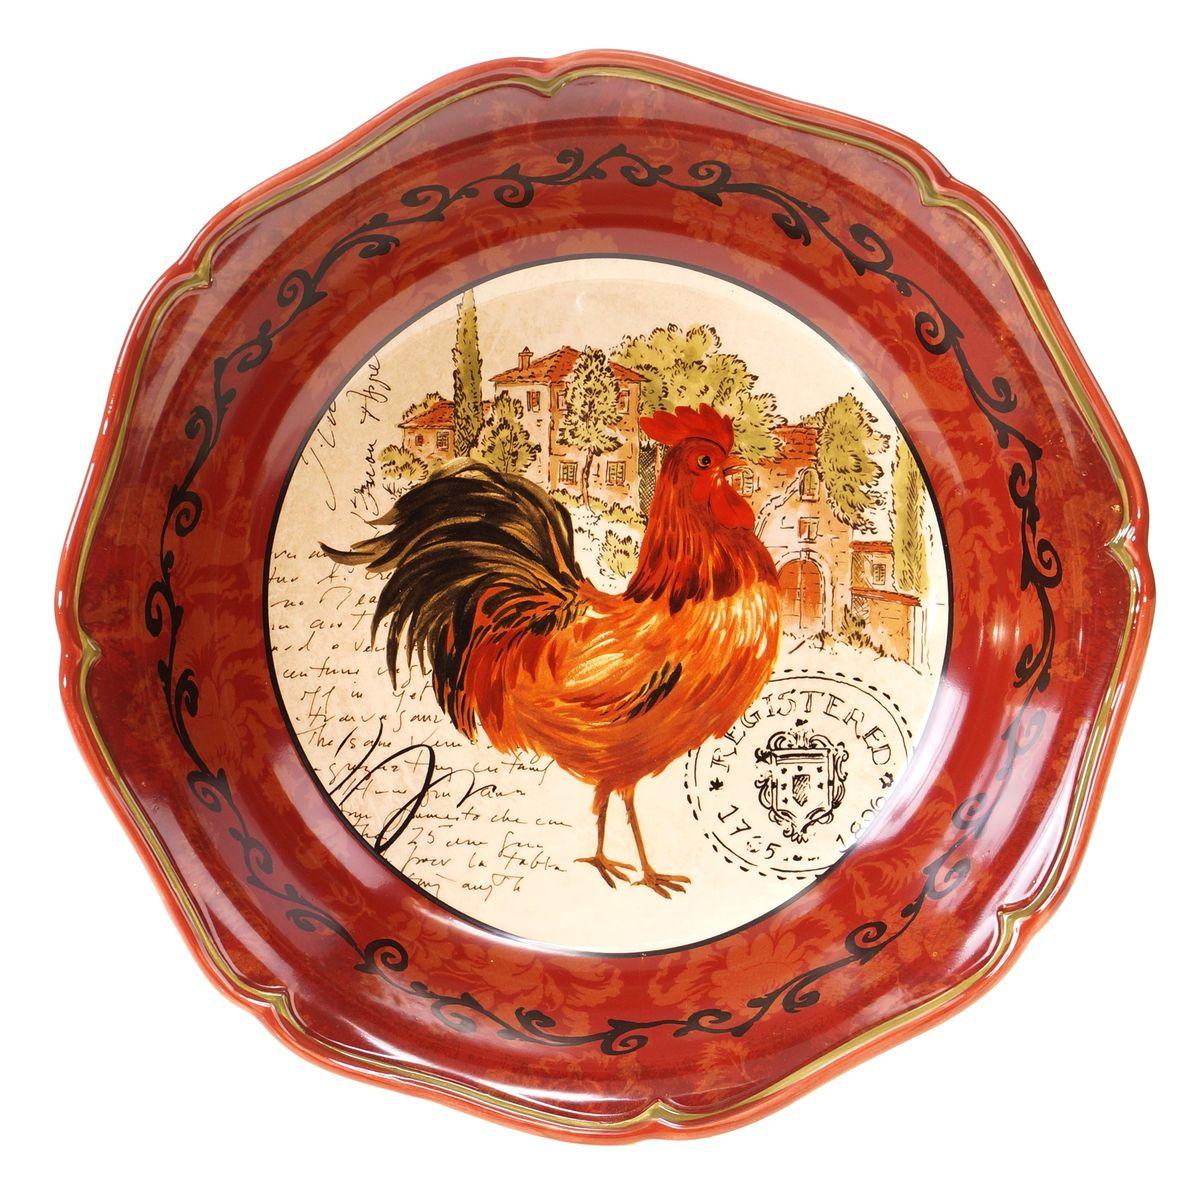 Блюдо Certified International Тосканский петух, диаметр 33 см тарелка обеденная certified international тосканский петух цвет золотистый красный черный 27 х 27 см